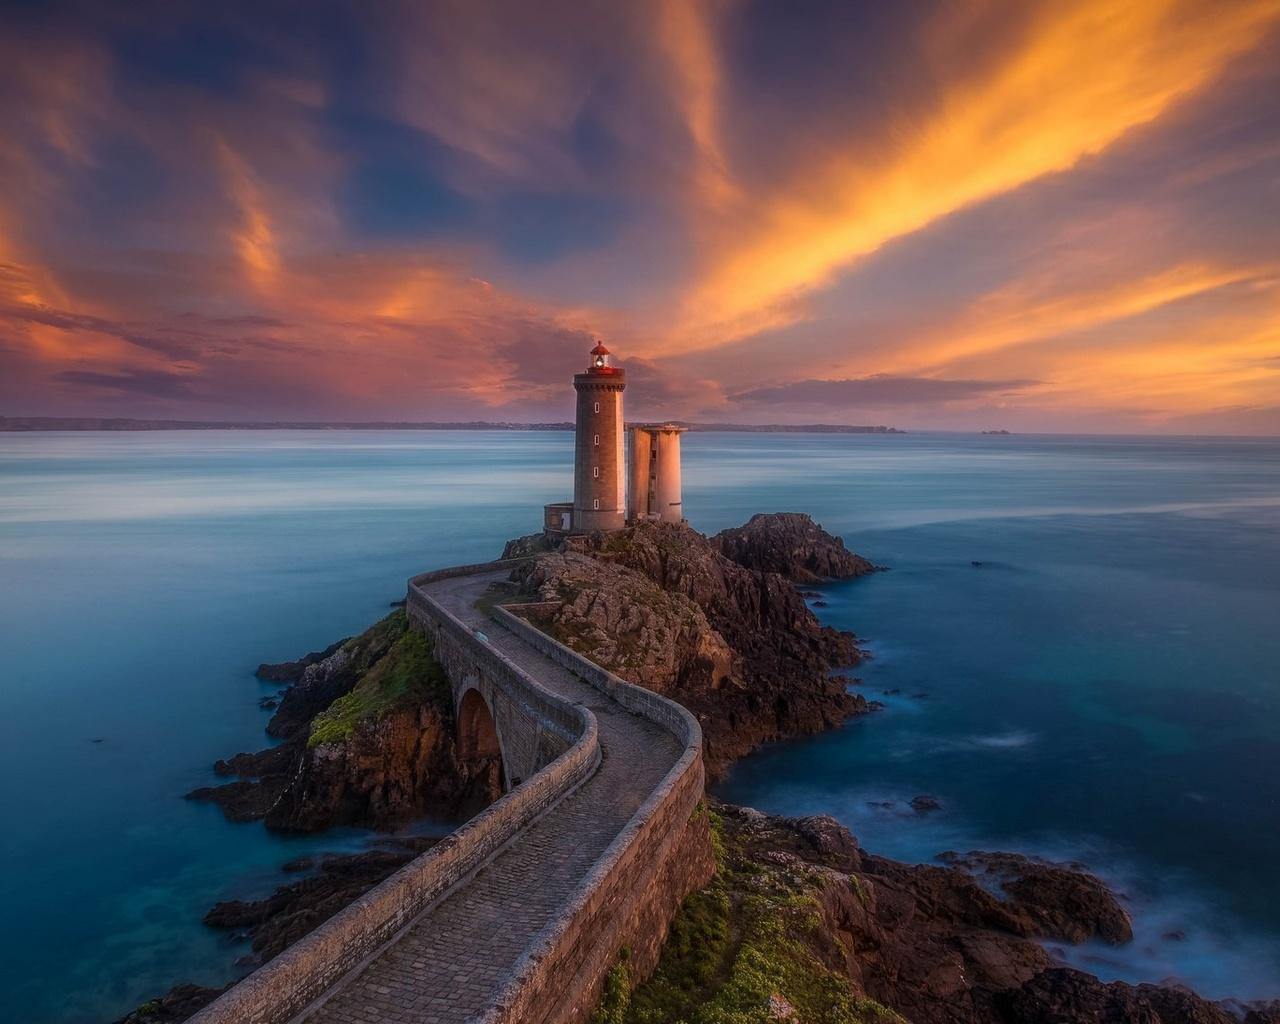 небо, море, маяк